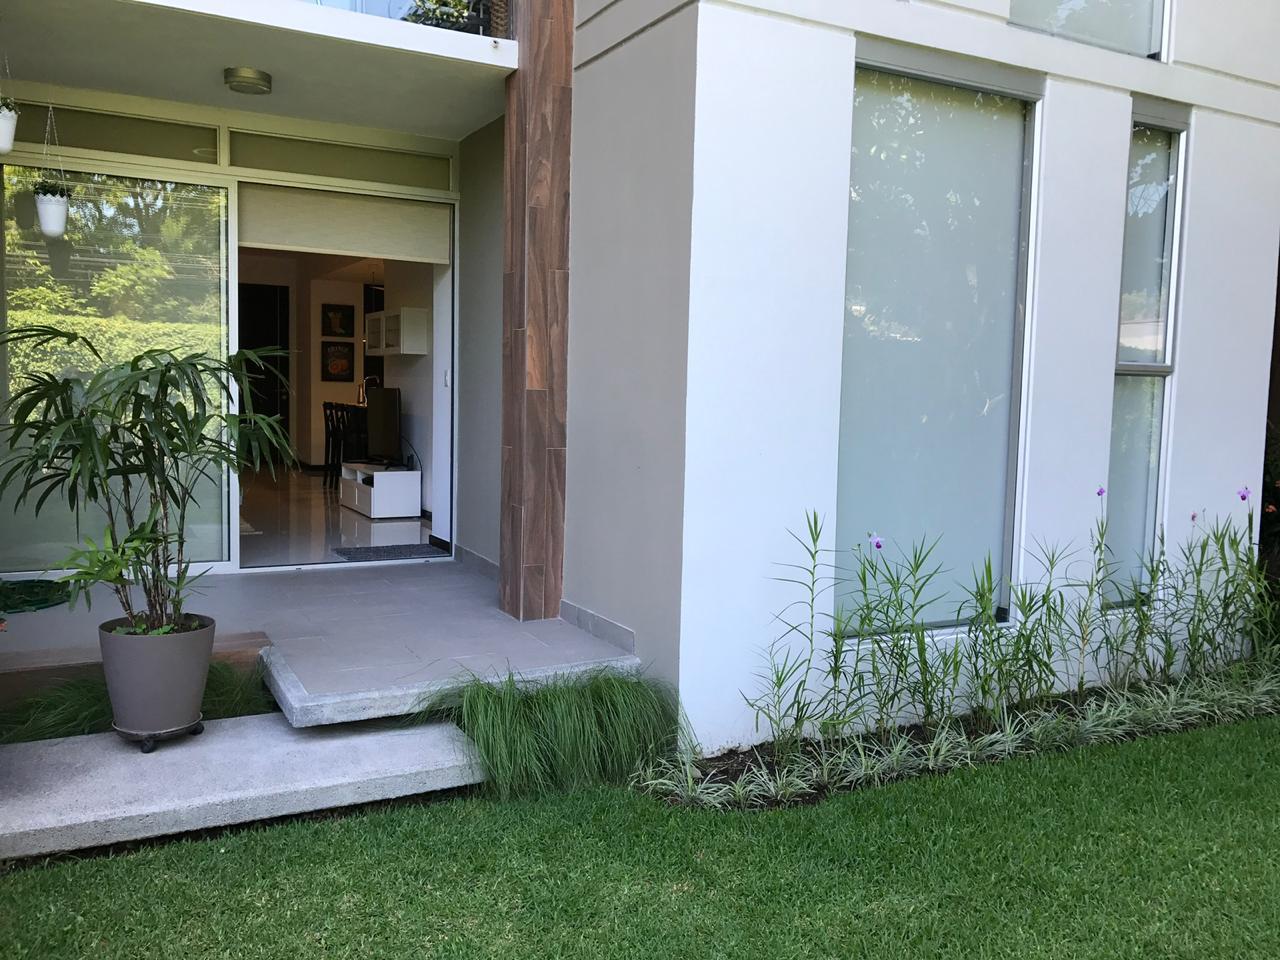 Apartamento con jardín privado 2 habitaciones en Santa Ana venta